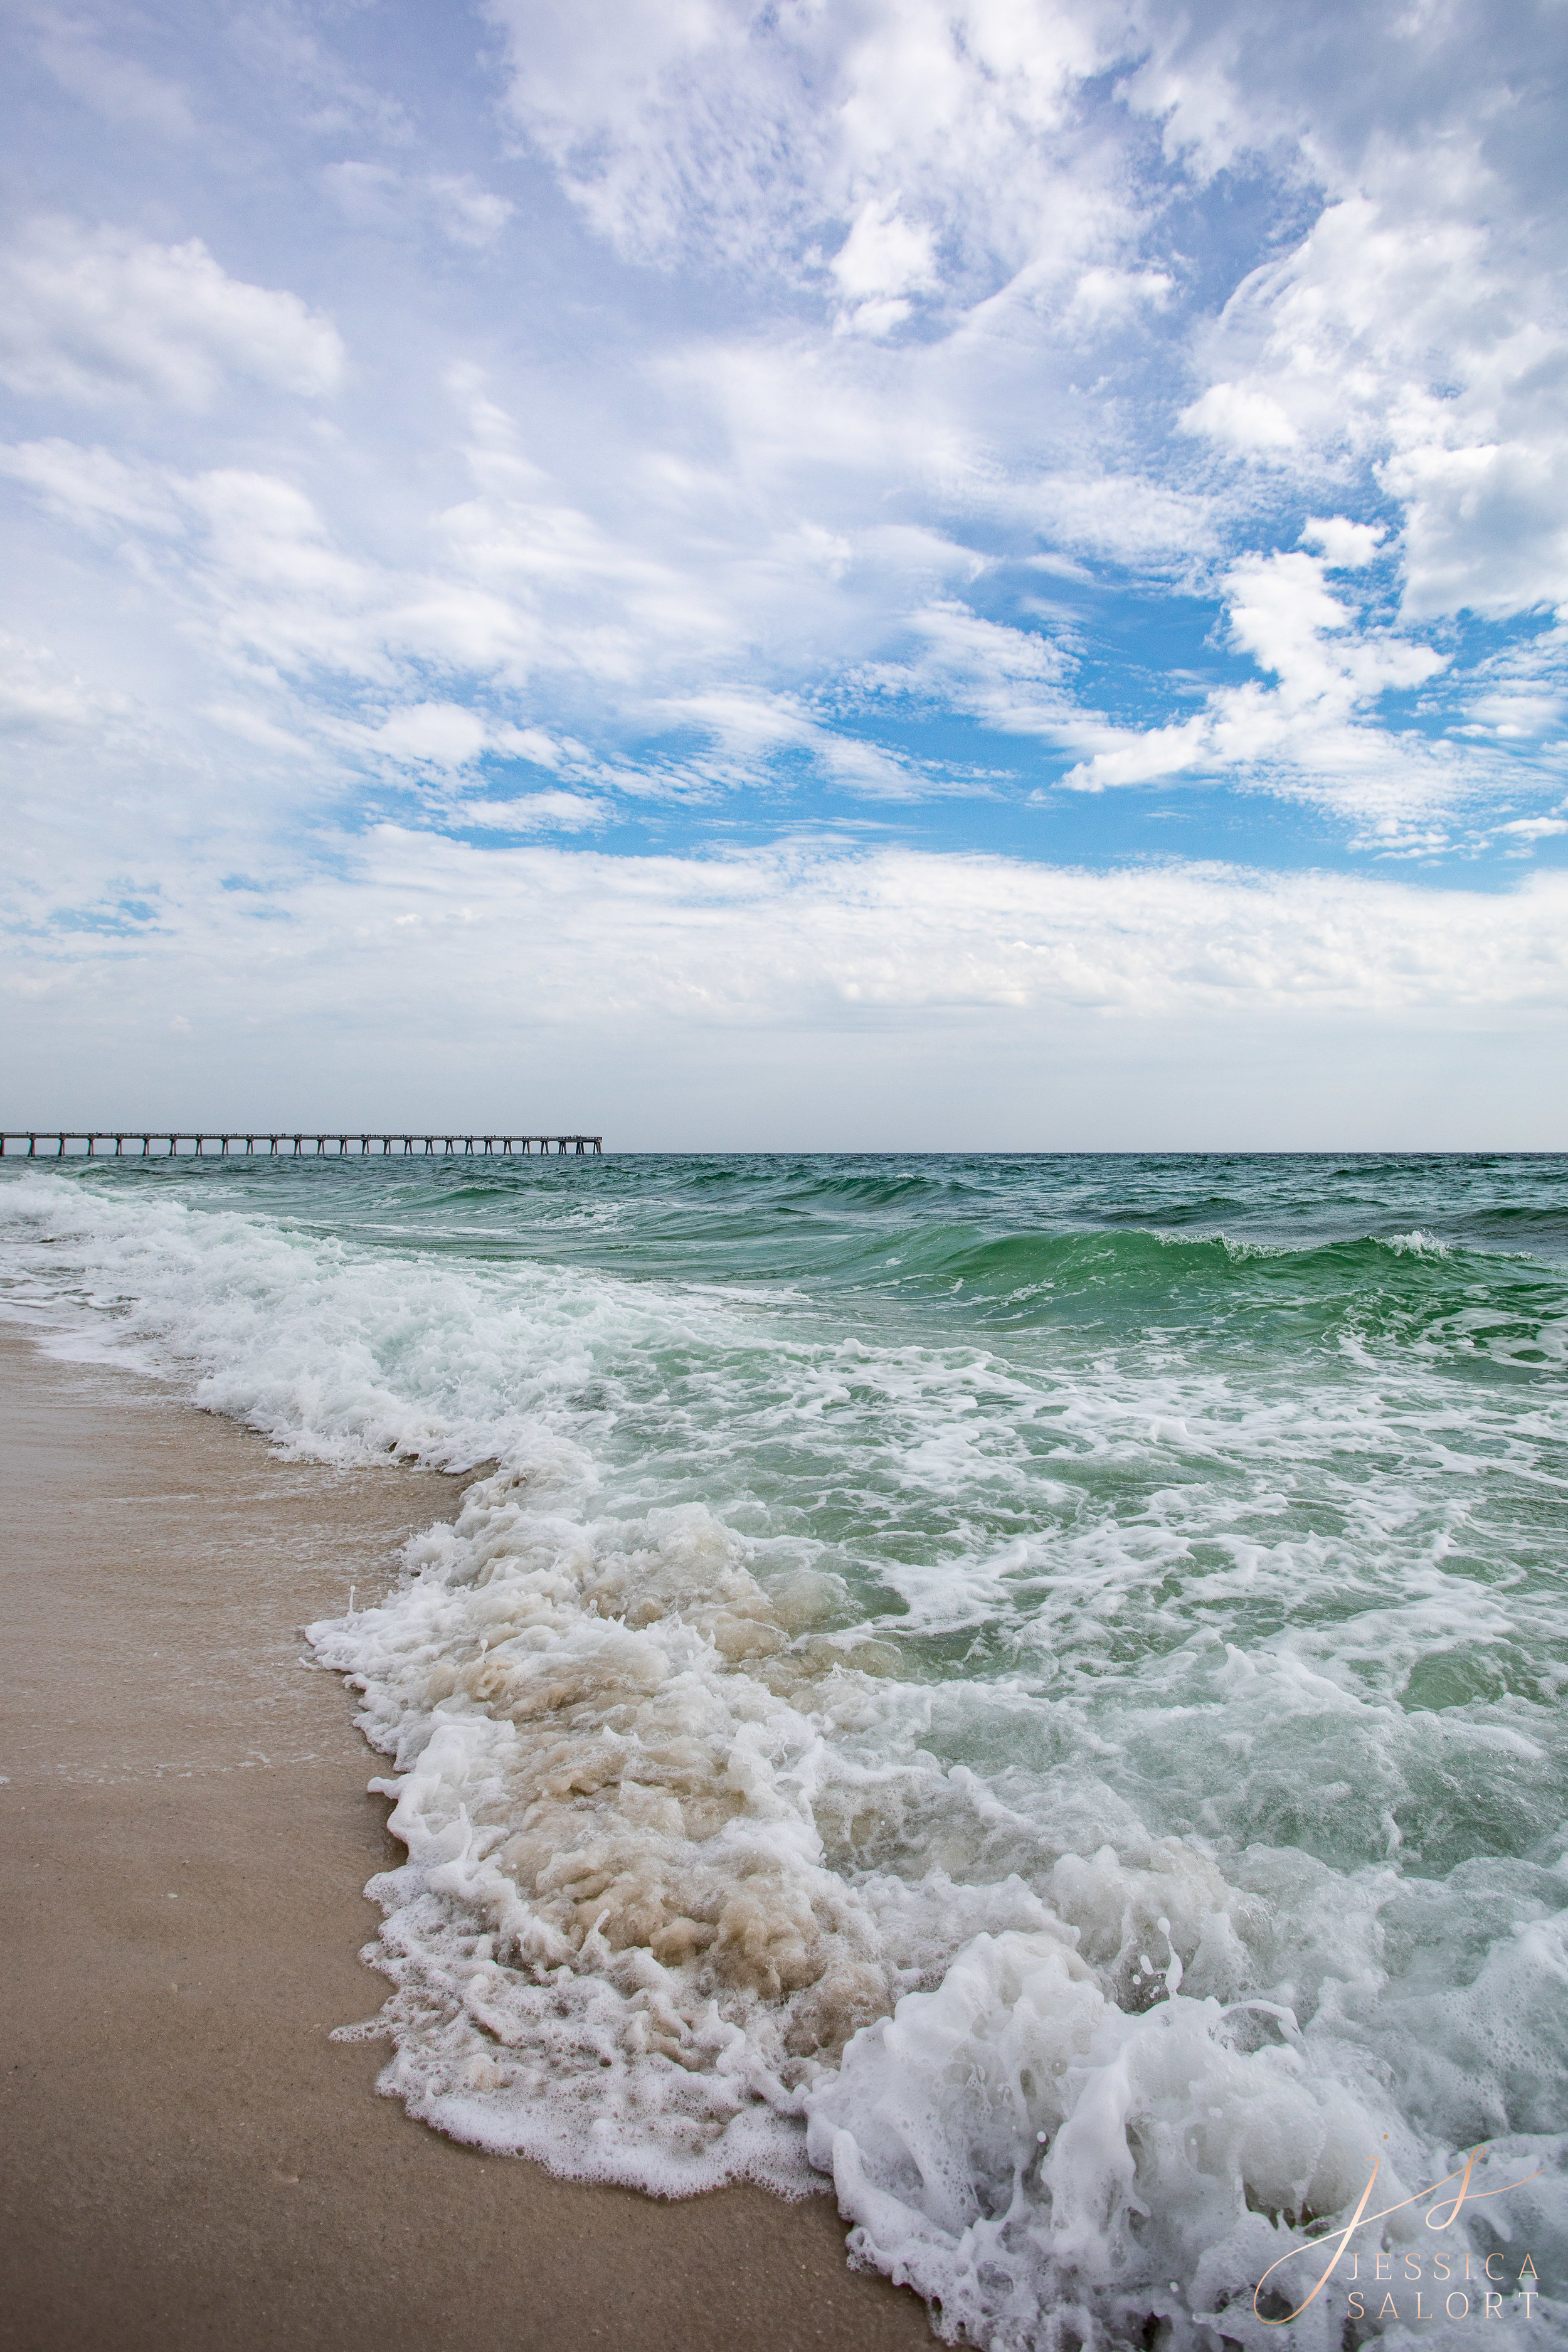 Jessica Salort, Navarre Beach